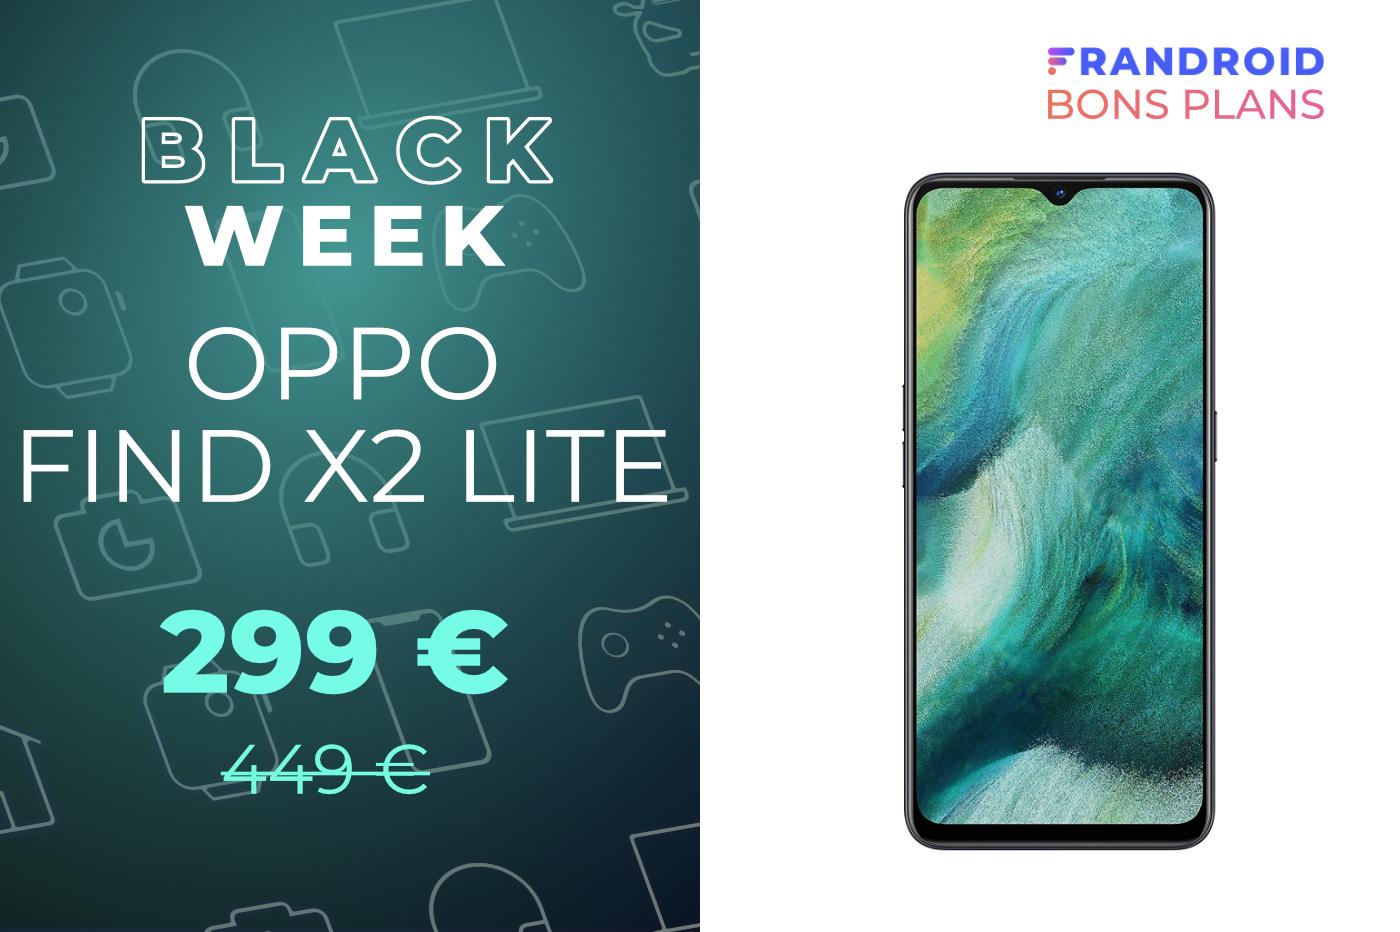 Le Oppo Find X2 Lite compatible 5G passe de 449 à 299 euros